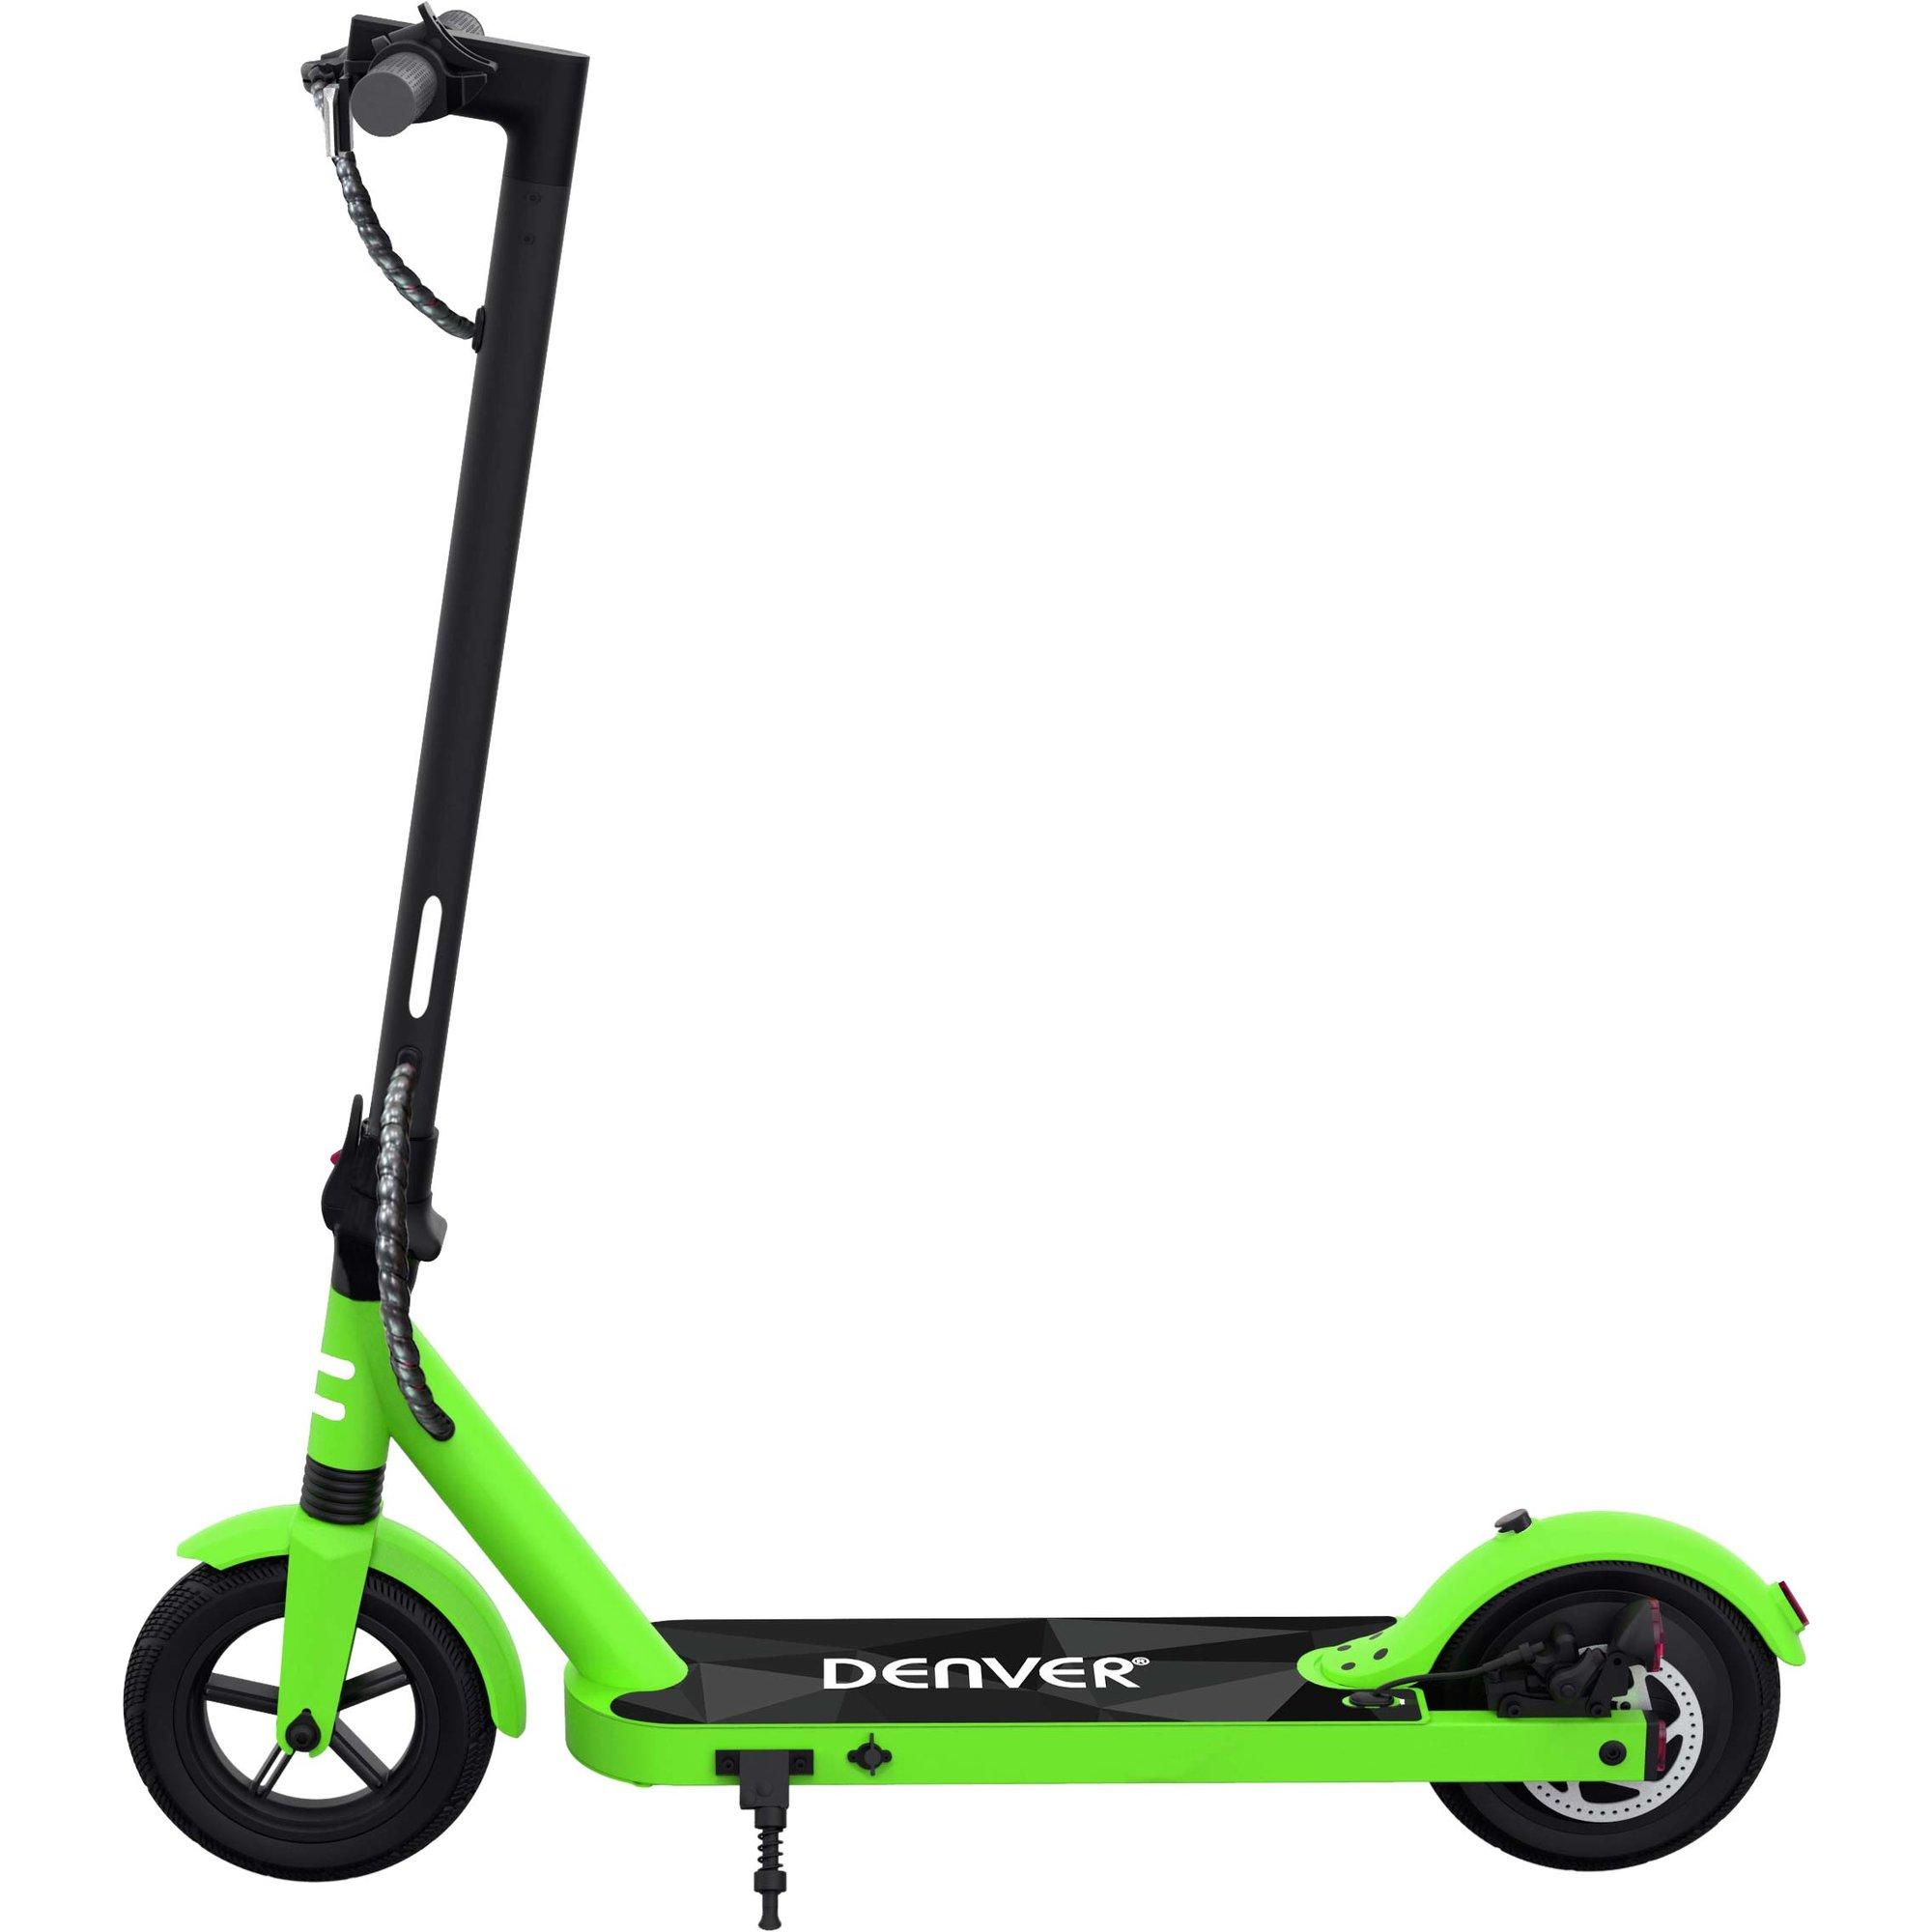 Denver SCO-85350 elektrisk scooter grön